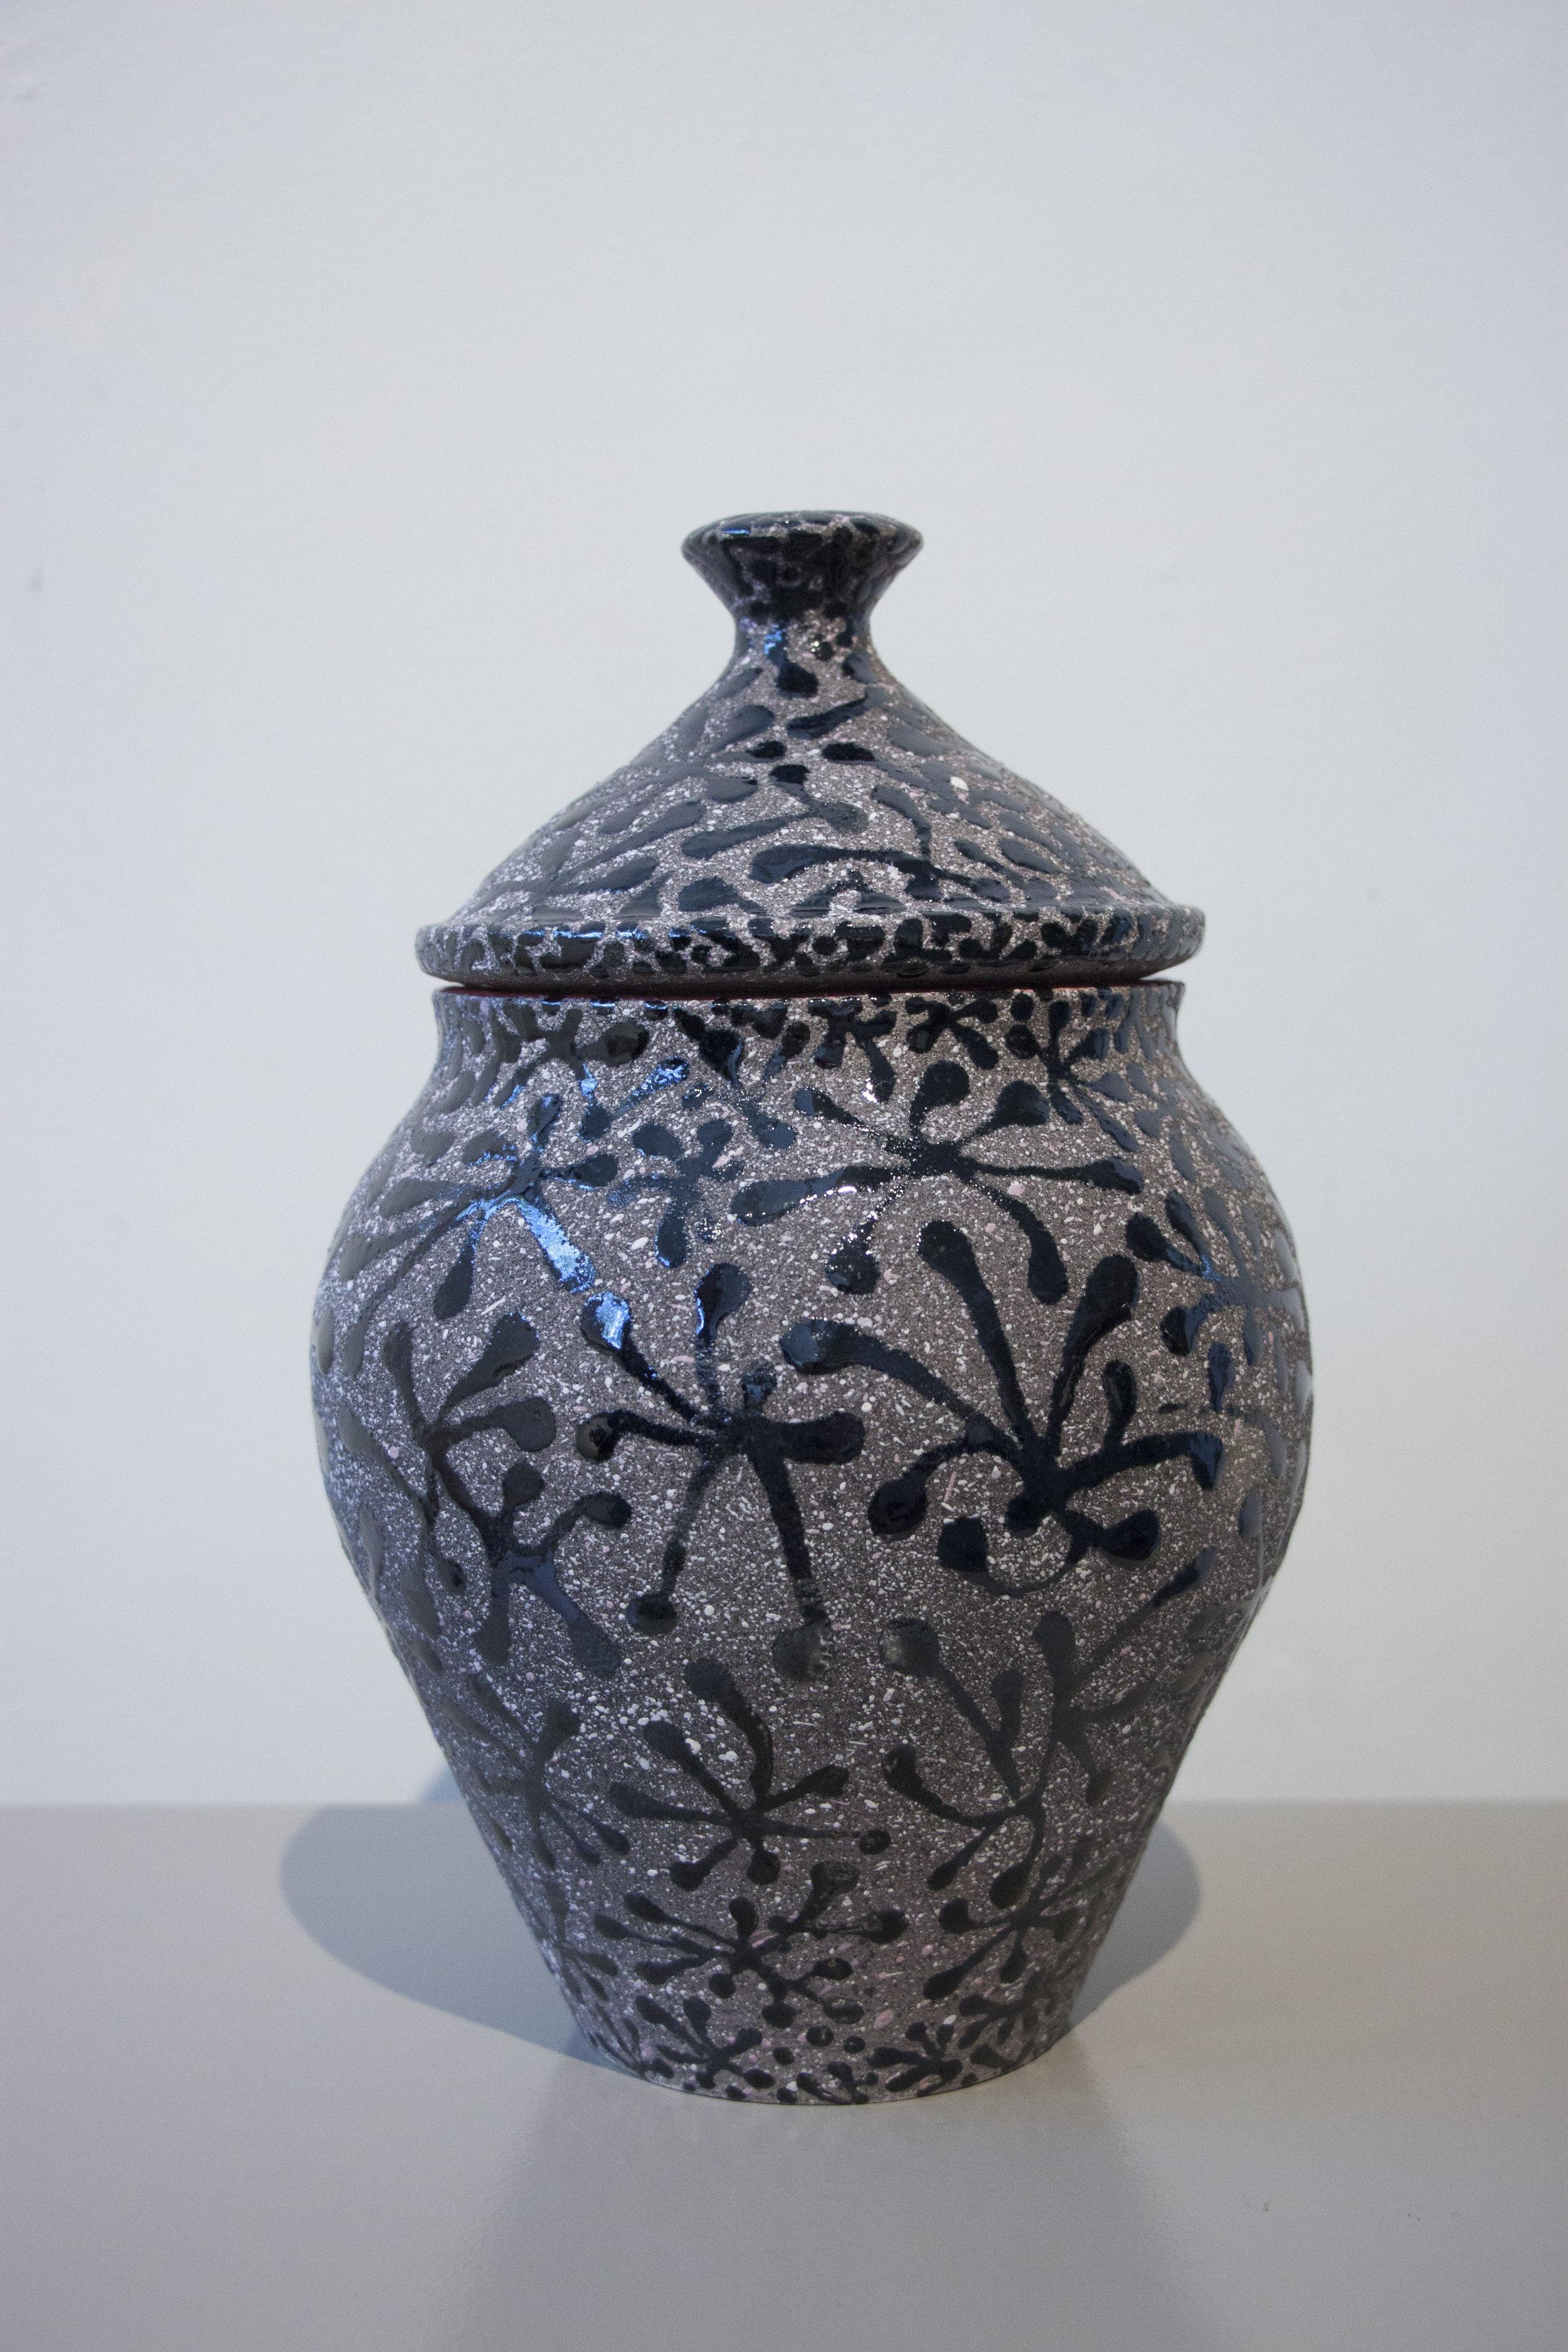 """William Yonker, """"Lidded Jar #223,"""" 2016, earthenware, 10"""" x 6 1/2"""""""